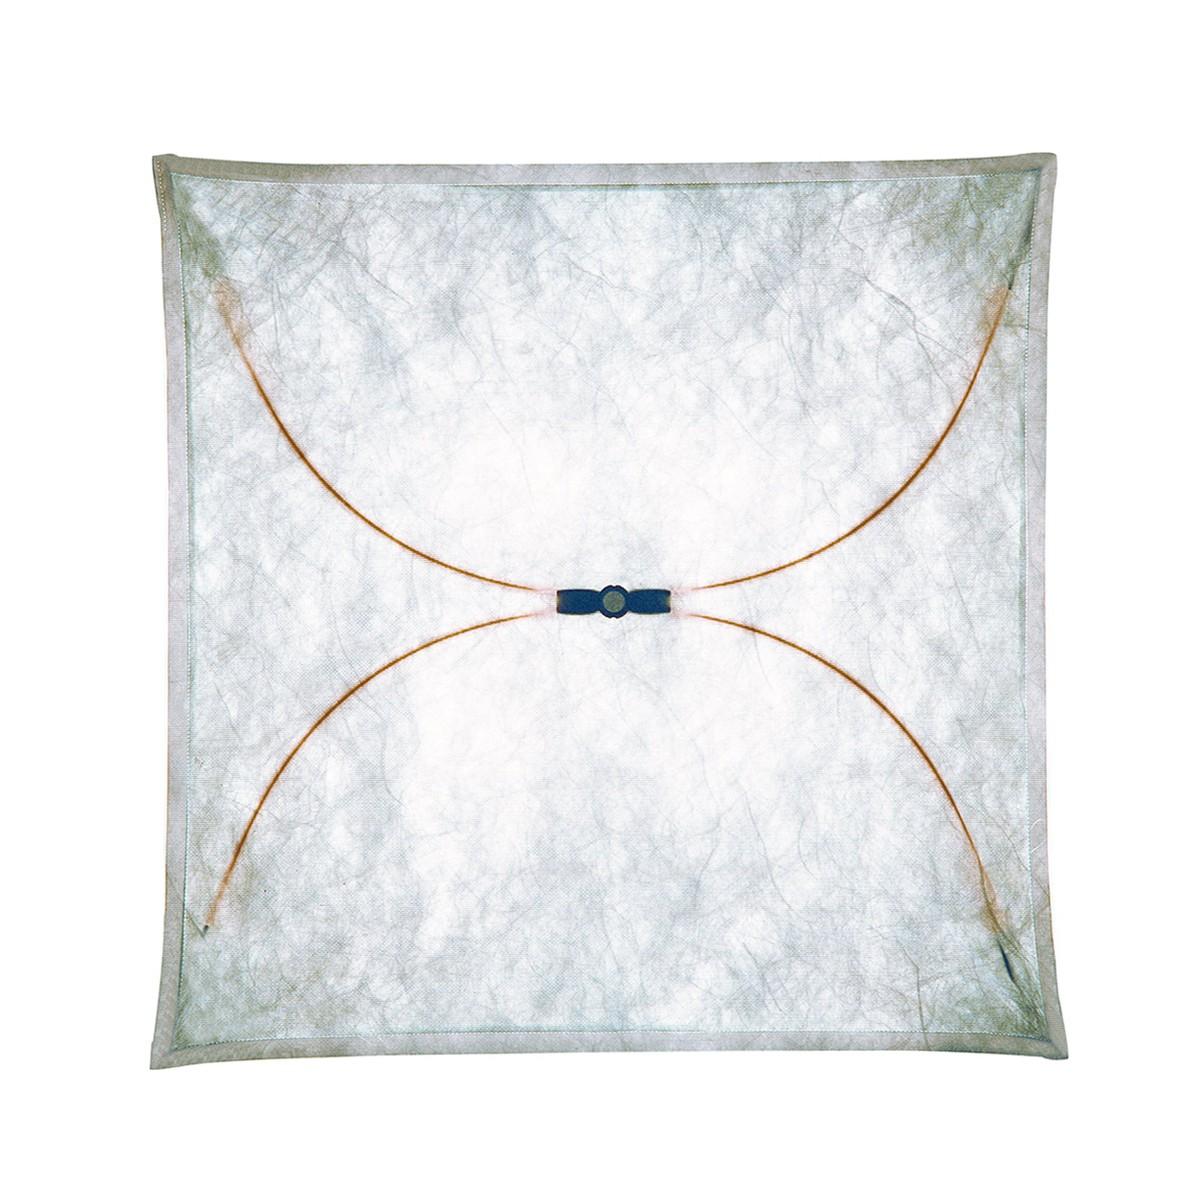 Flos Ariette Wand- / Deckenleuchte, 100 x 100 cm, Stoff